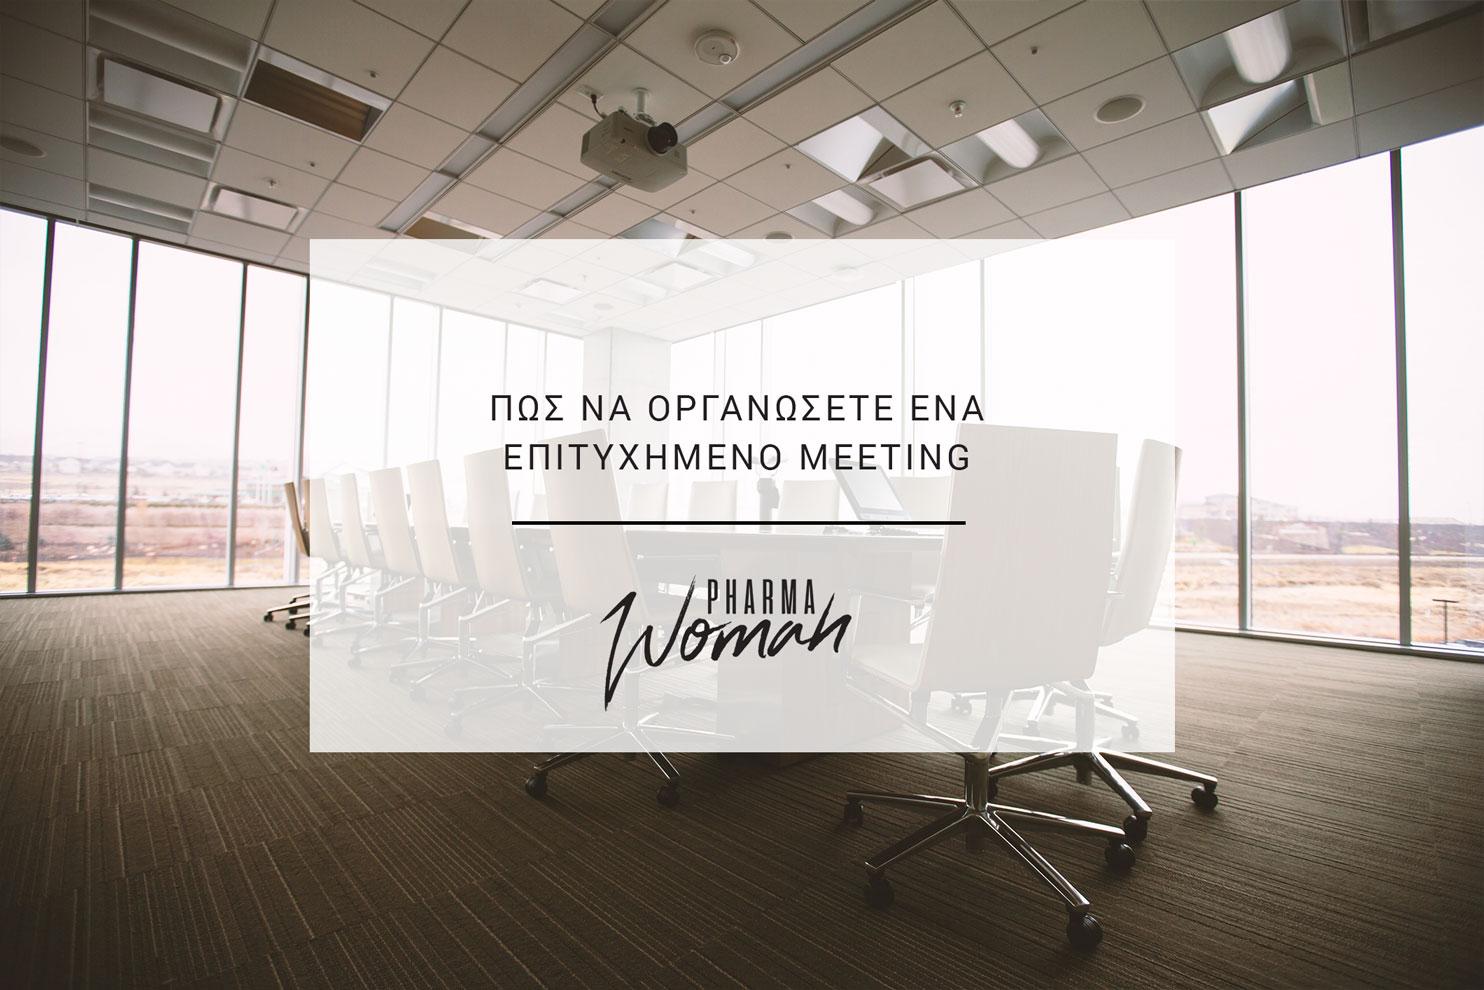 Πώς να οργανώσετε ένα επιτυχημένο meeting